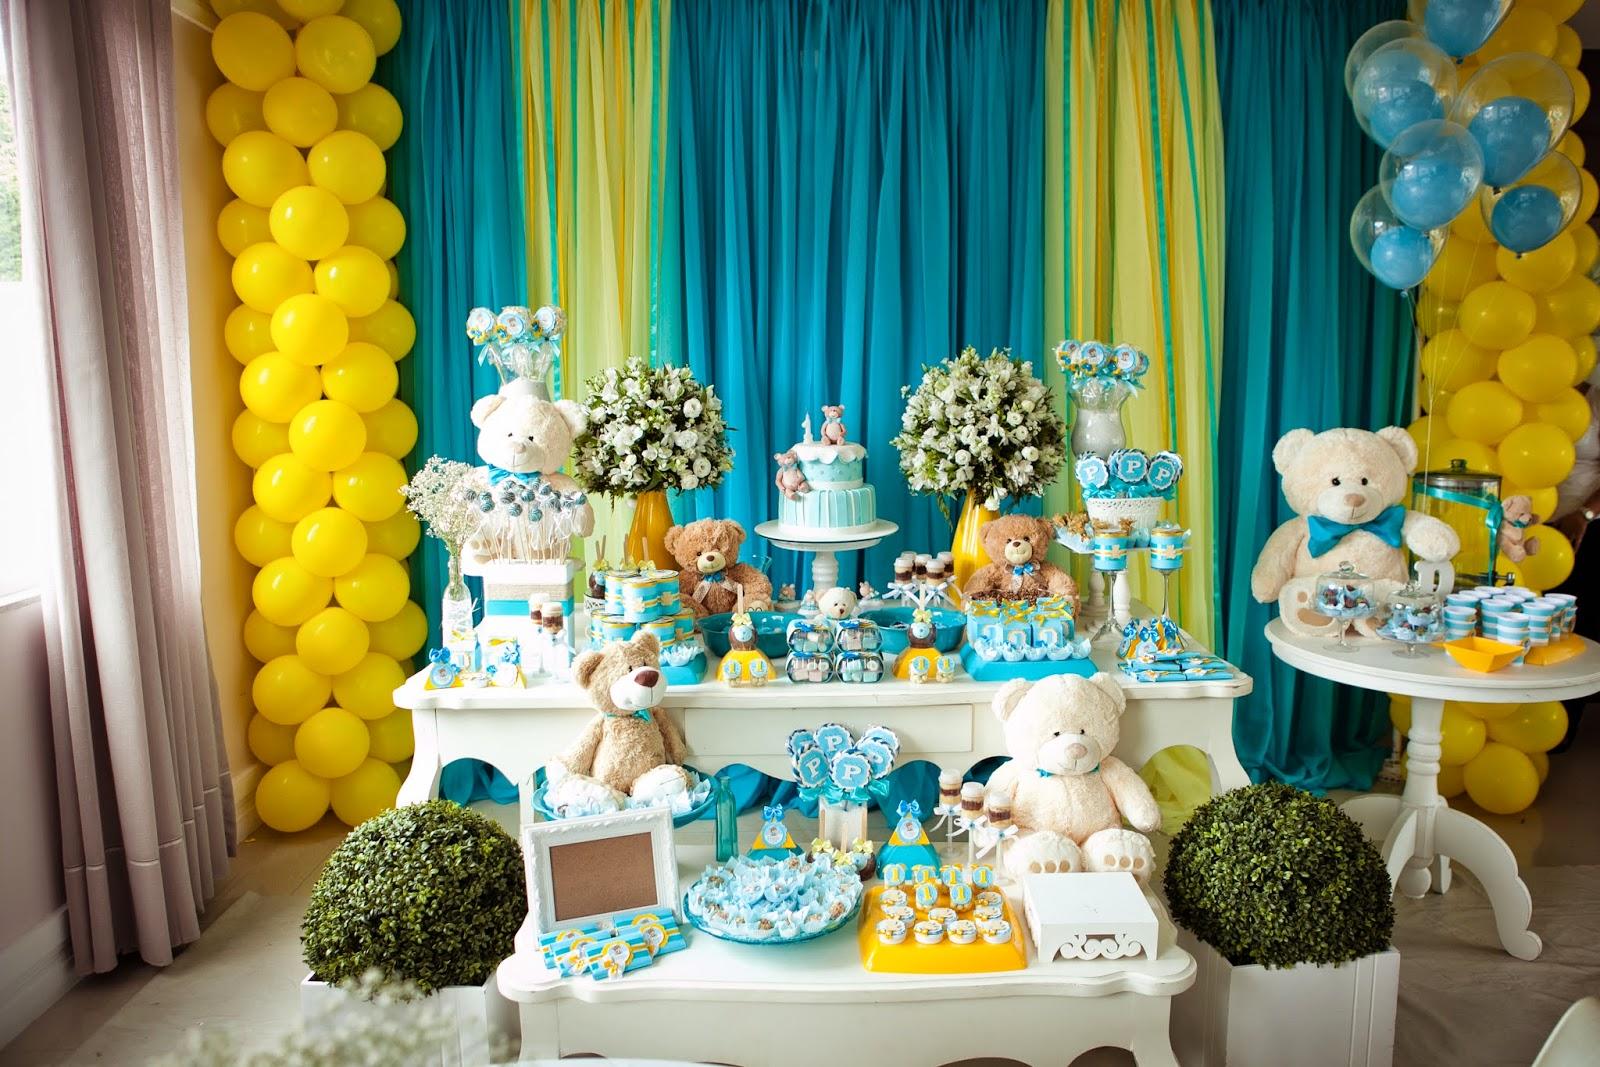 decoracao azul e amarelo para aniversario:Faz de Conta: Ursinho Azul Turquesa com Amarelo – Pedro